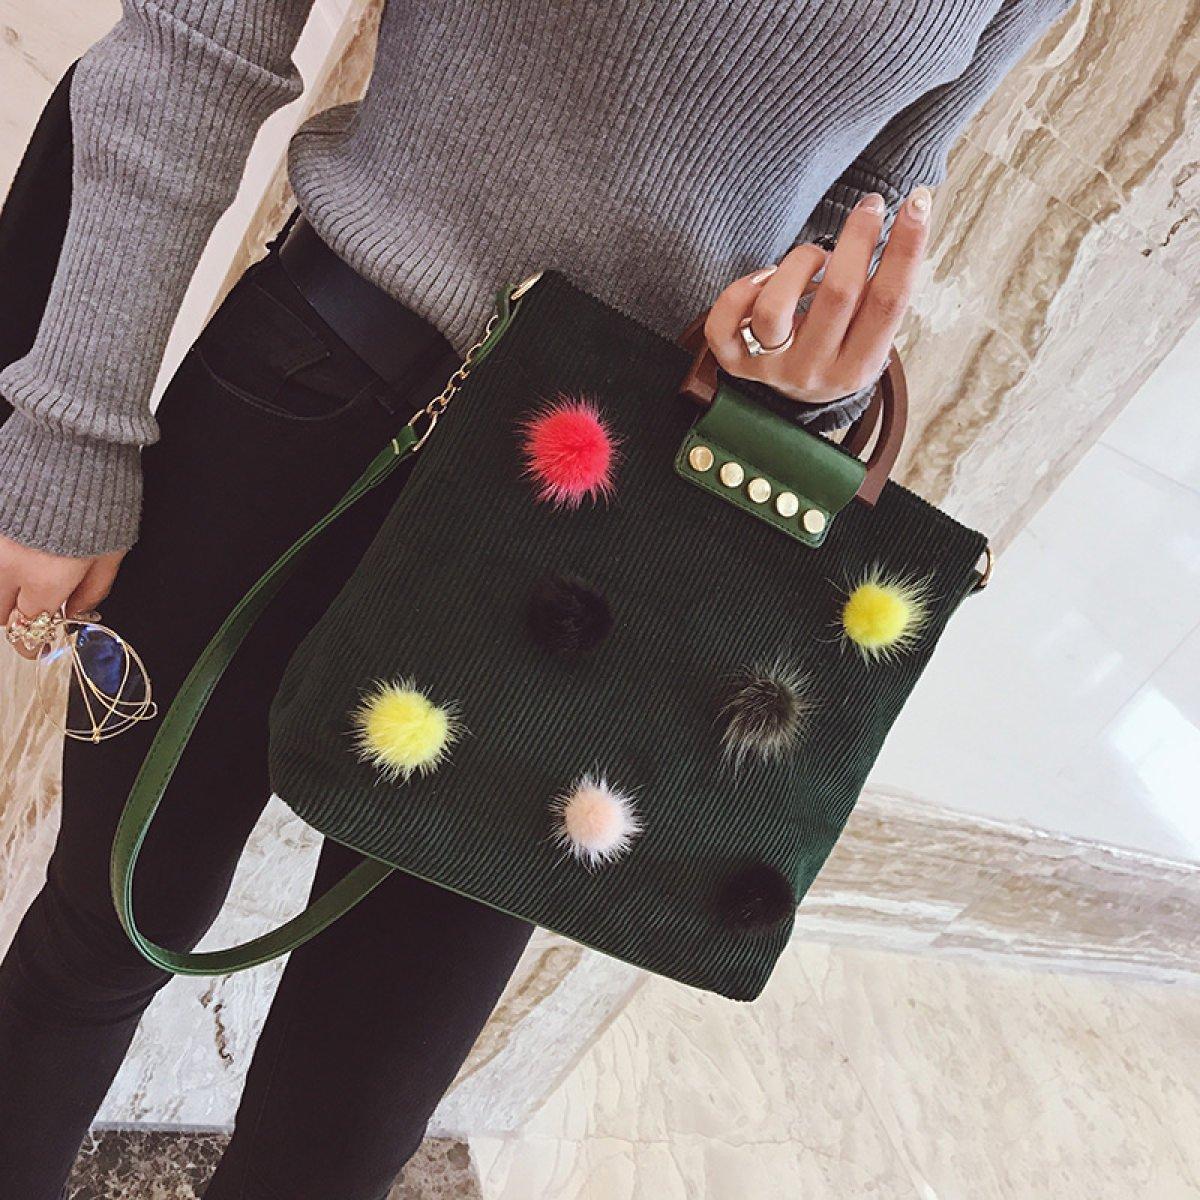 Fashion Handtasche Umhängetasche Spieler Villi Xiekua Paket,rot B0771F5VYM Henkeltaschen Henkeltaschen Henkeltaschen Online-Shop 0925e5